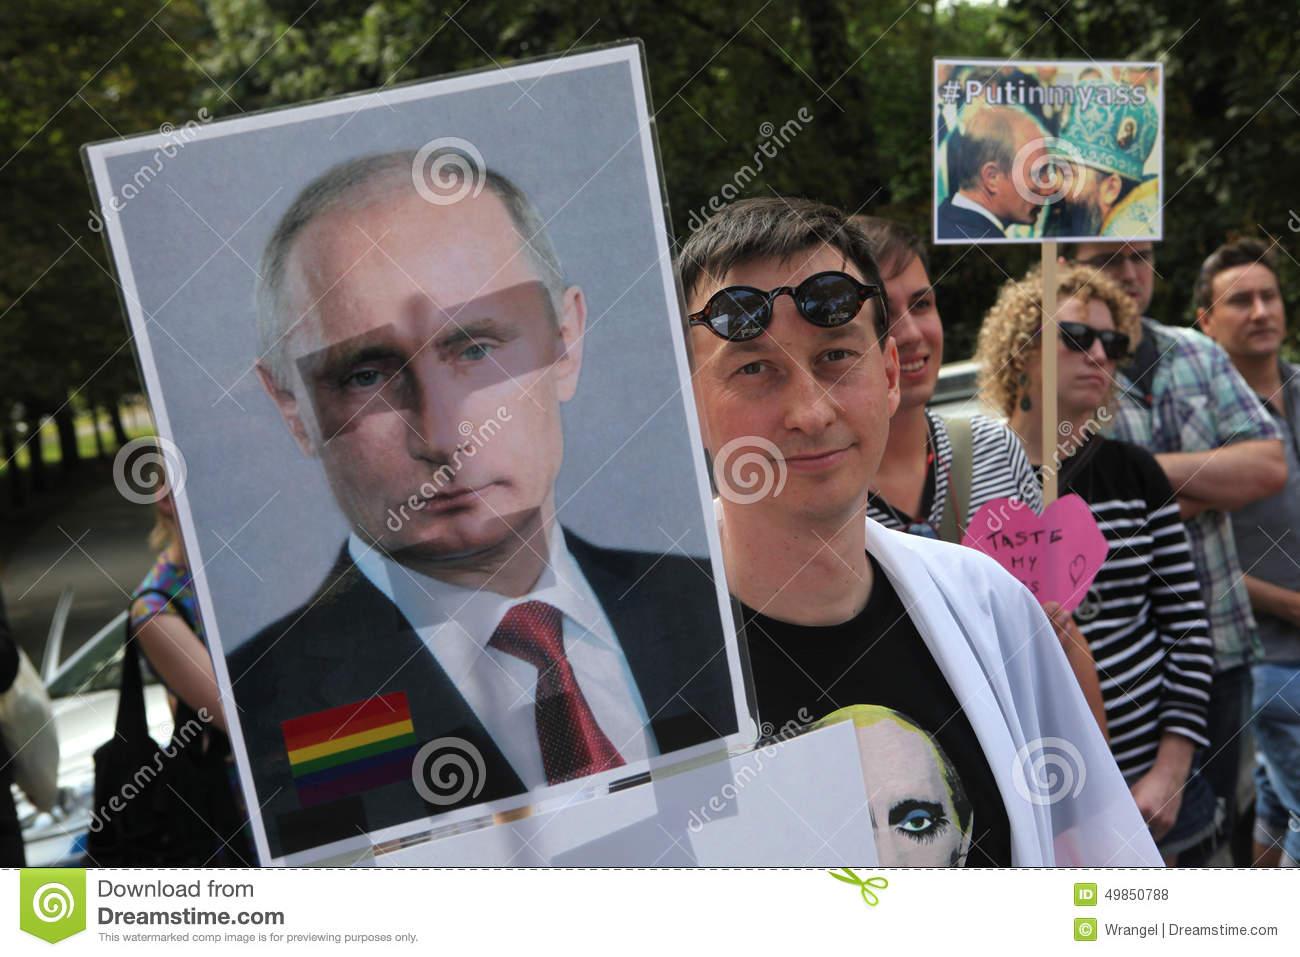 чехос-овакские-гомосексуа-ьные-активисты-протестуют-против-русских-49850788